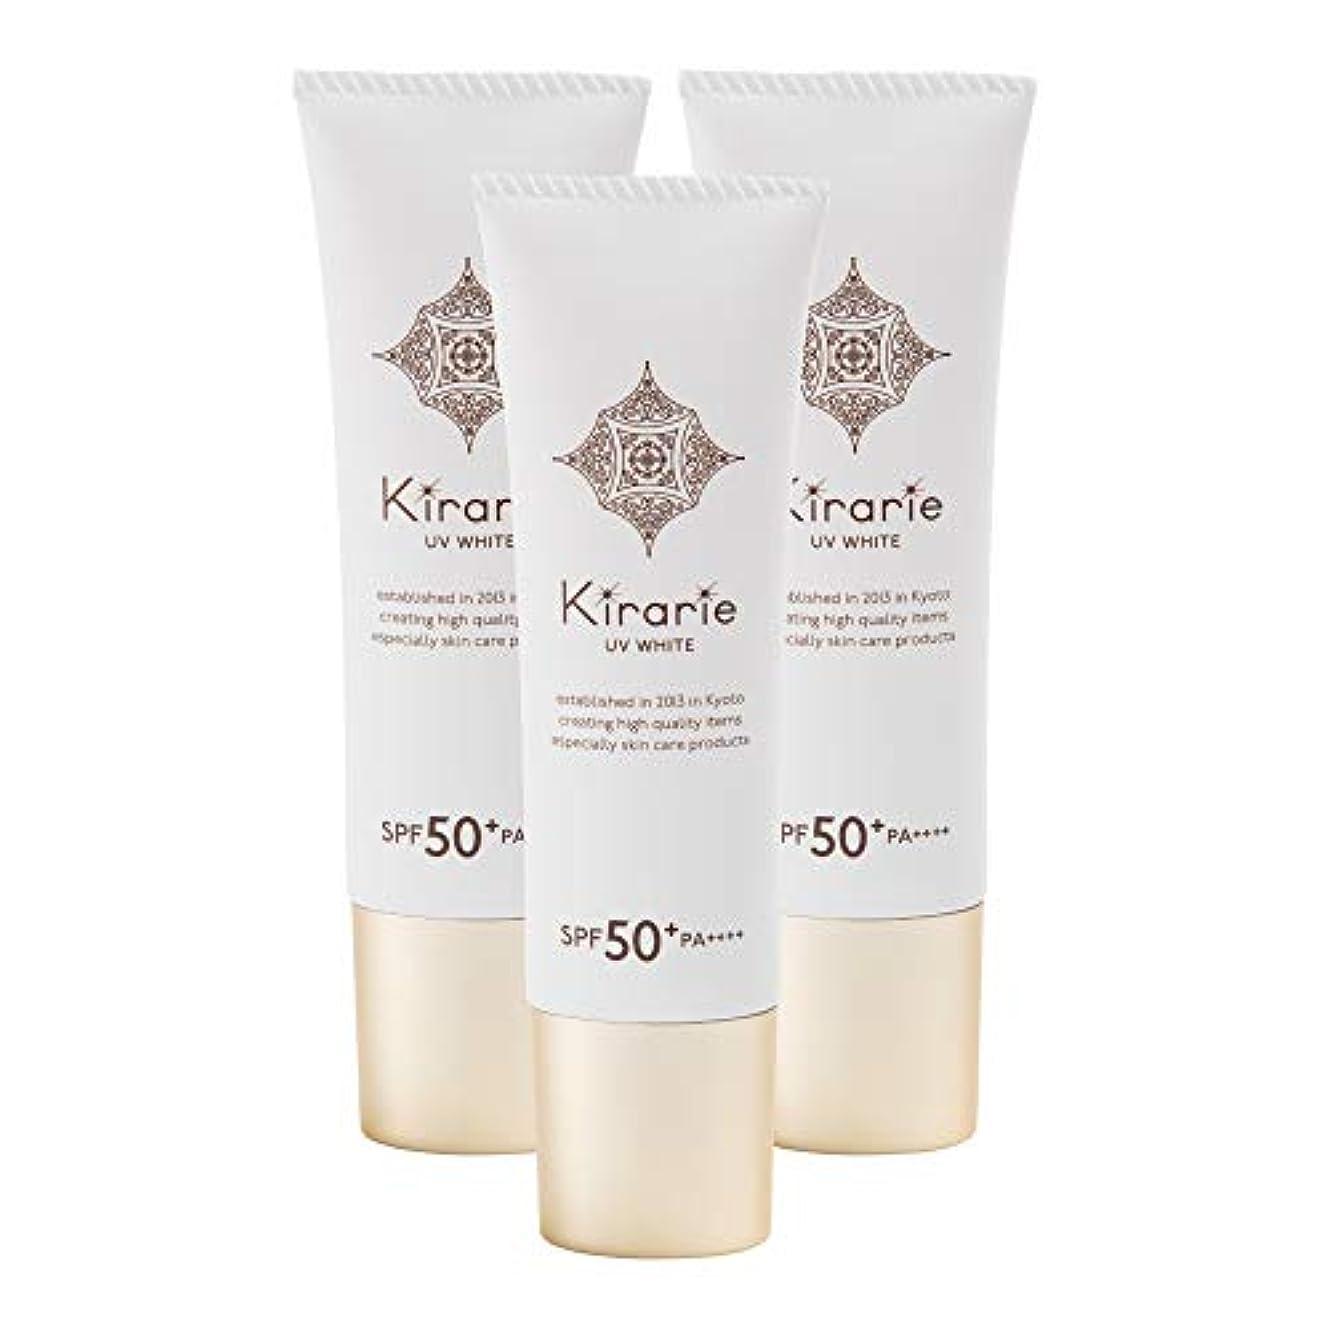 ミュートほとんどの場合アンプキラリエUVホワイト 25g 化粧下地にも 日焼け止めクリーム SPF50+プラス PA++++ フォープラス 医薬部外品 薬用美白UVクリーム (3個)